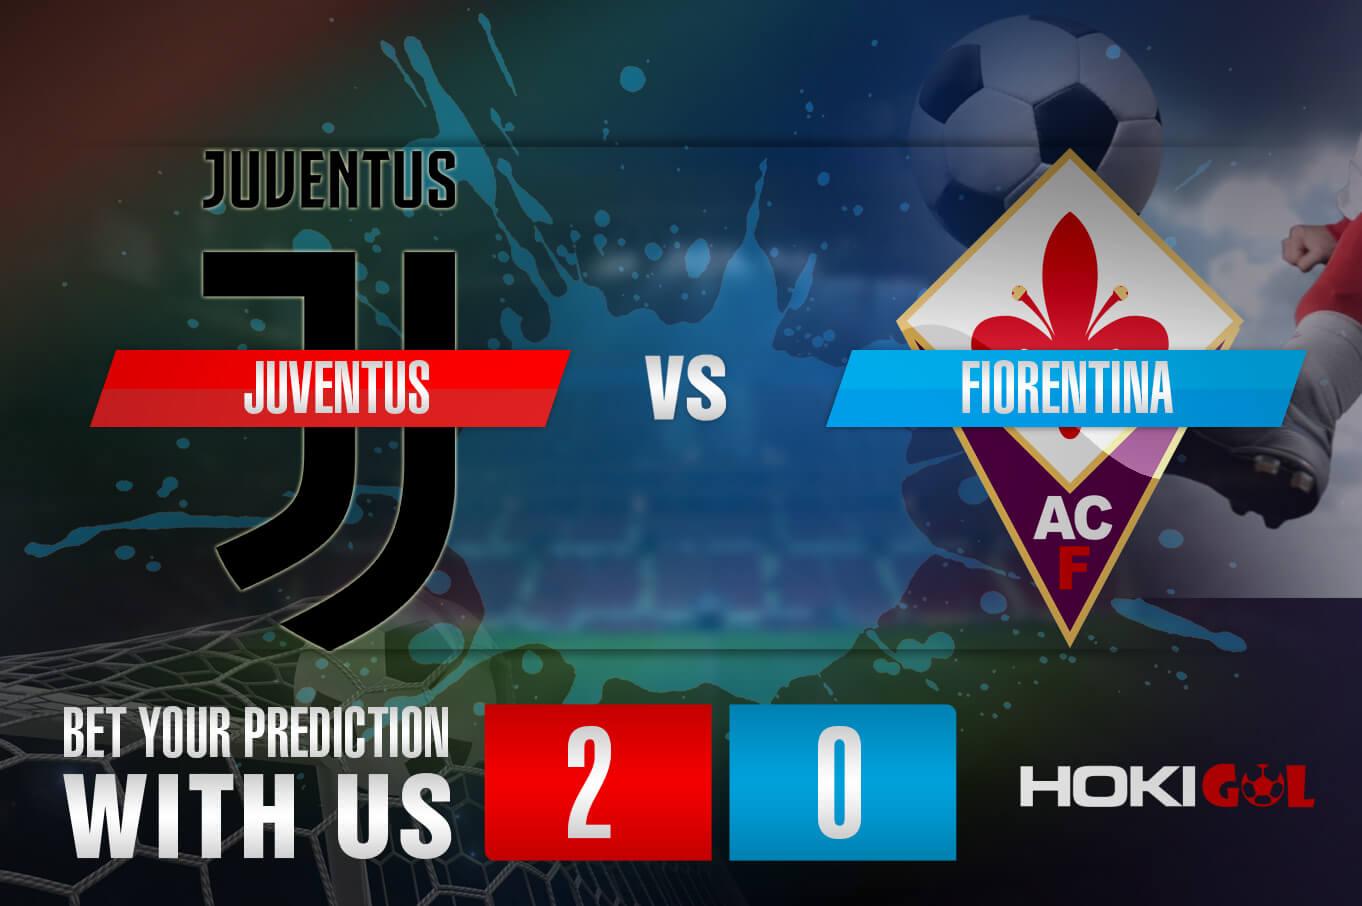 Prediksi Bola Juventus Vs Fiorentina 23 Desember 2020